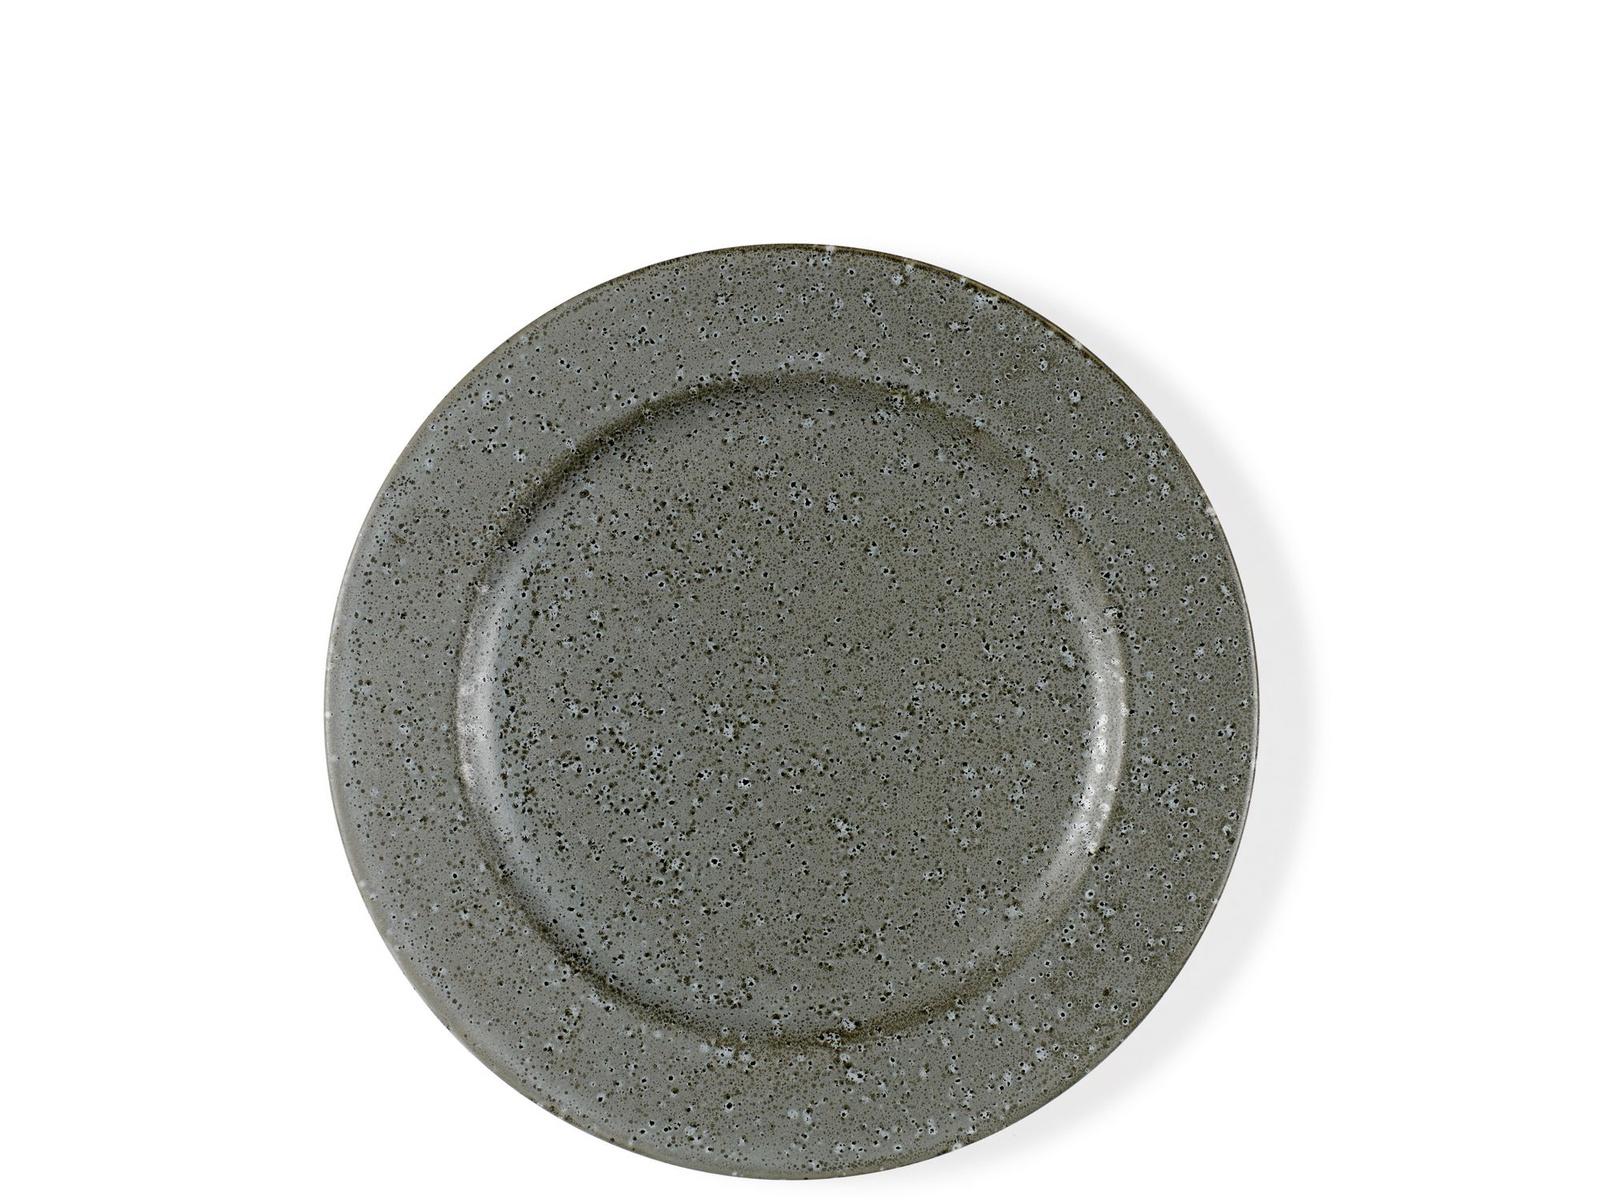 Десертная тарелка Bitz, цвет: серый. Диаметр 22,5 см. BT821068 тарелка десертная ломоносовская керамика диаметр 21 см